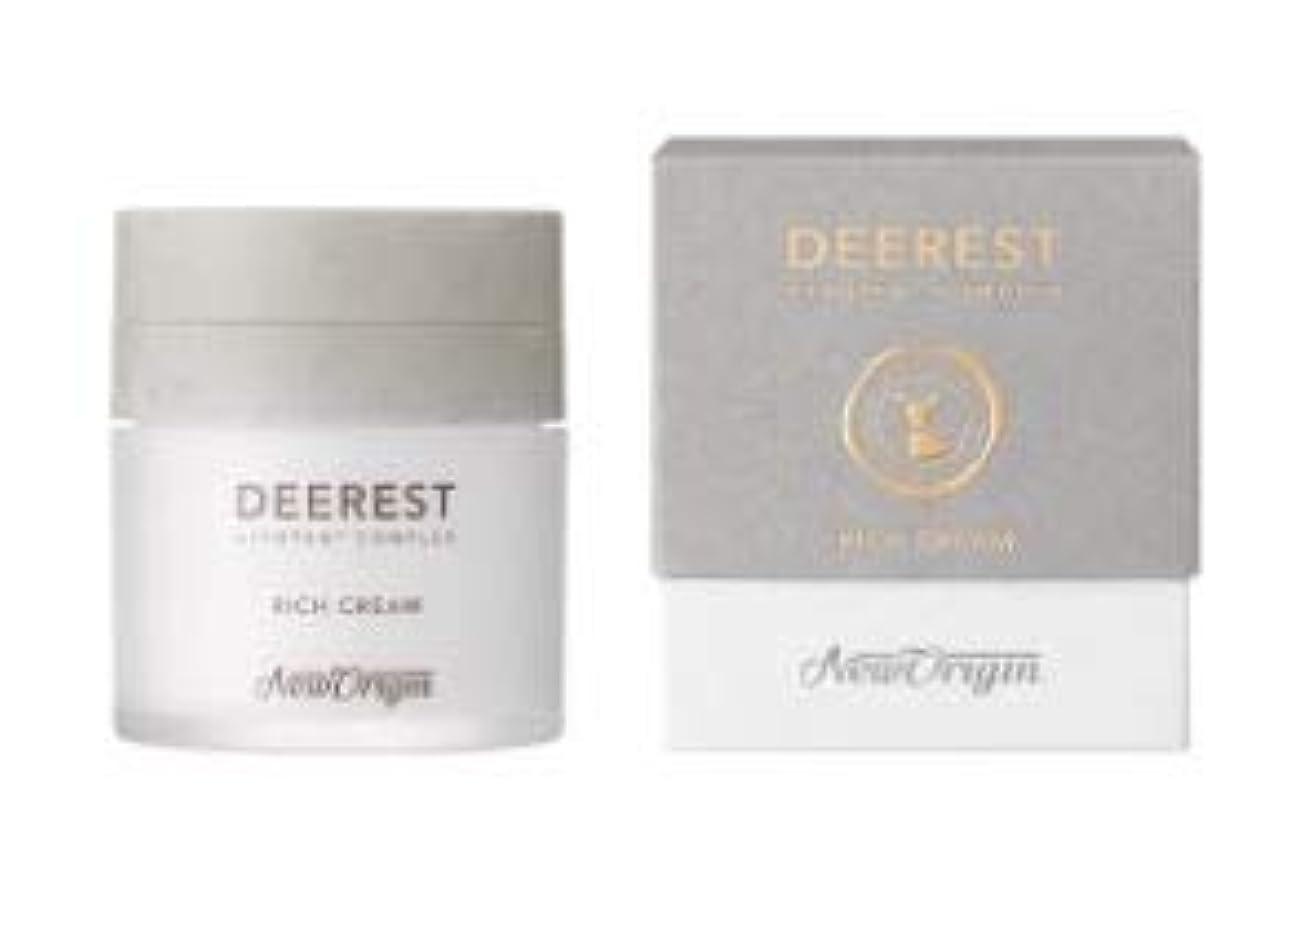 箱圧縮プリーツ[New Origin] Deer Milk Rich Cream / [ニューオリジン] ディアミルクリッチクリーム (#55g) [並行輸入品]